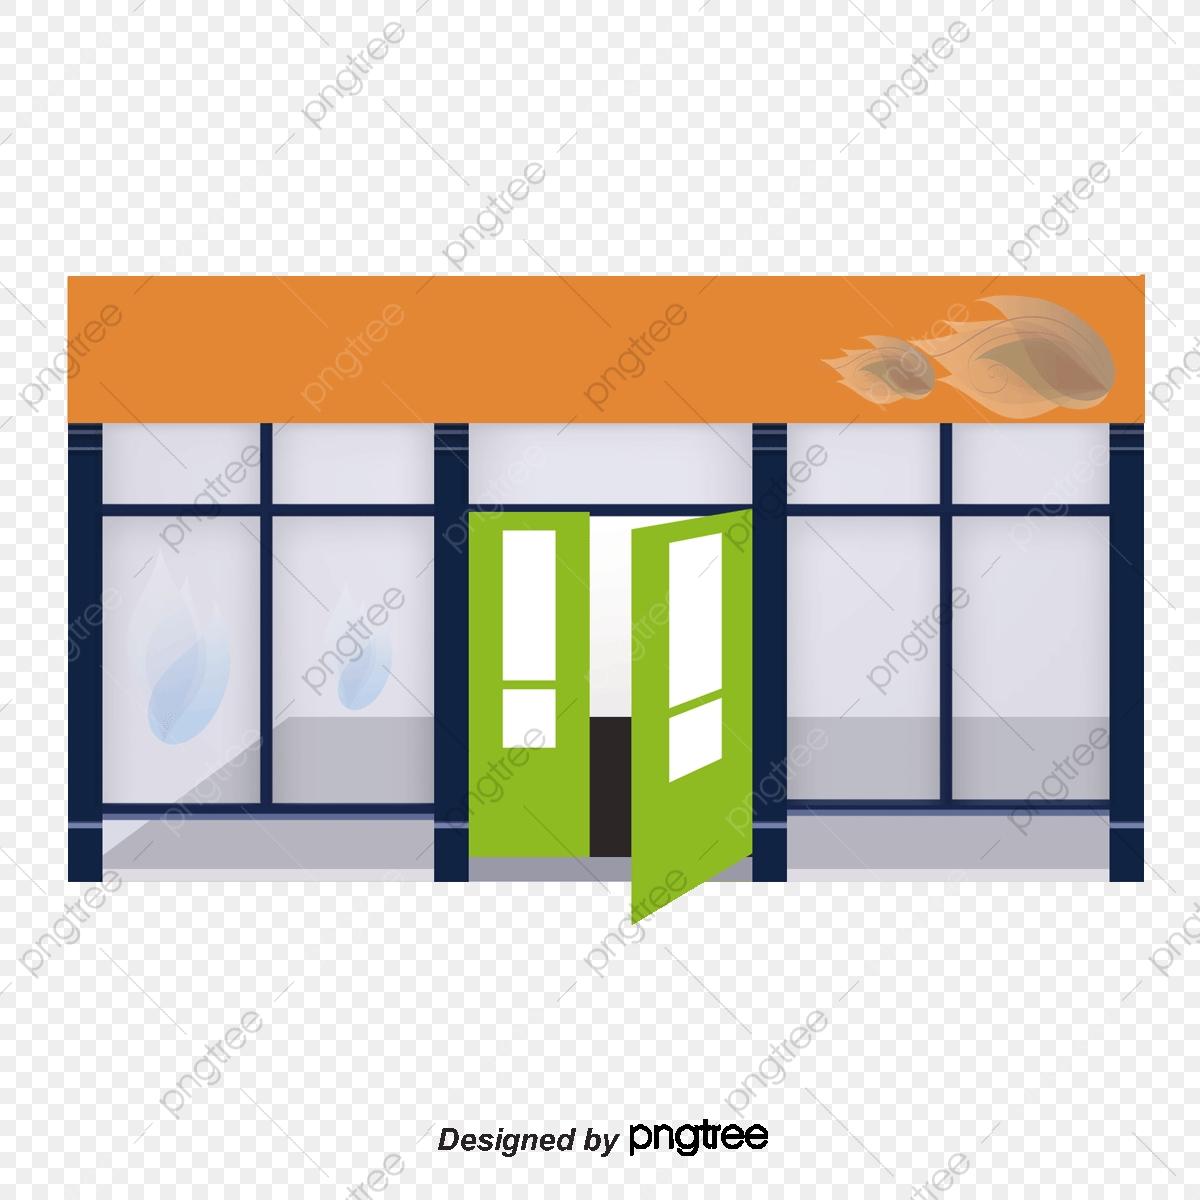 jpg transparent Glass storefront sign . Vector door green